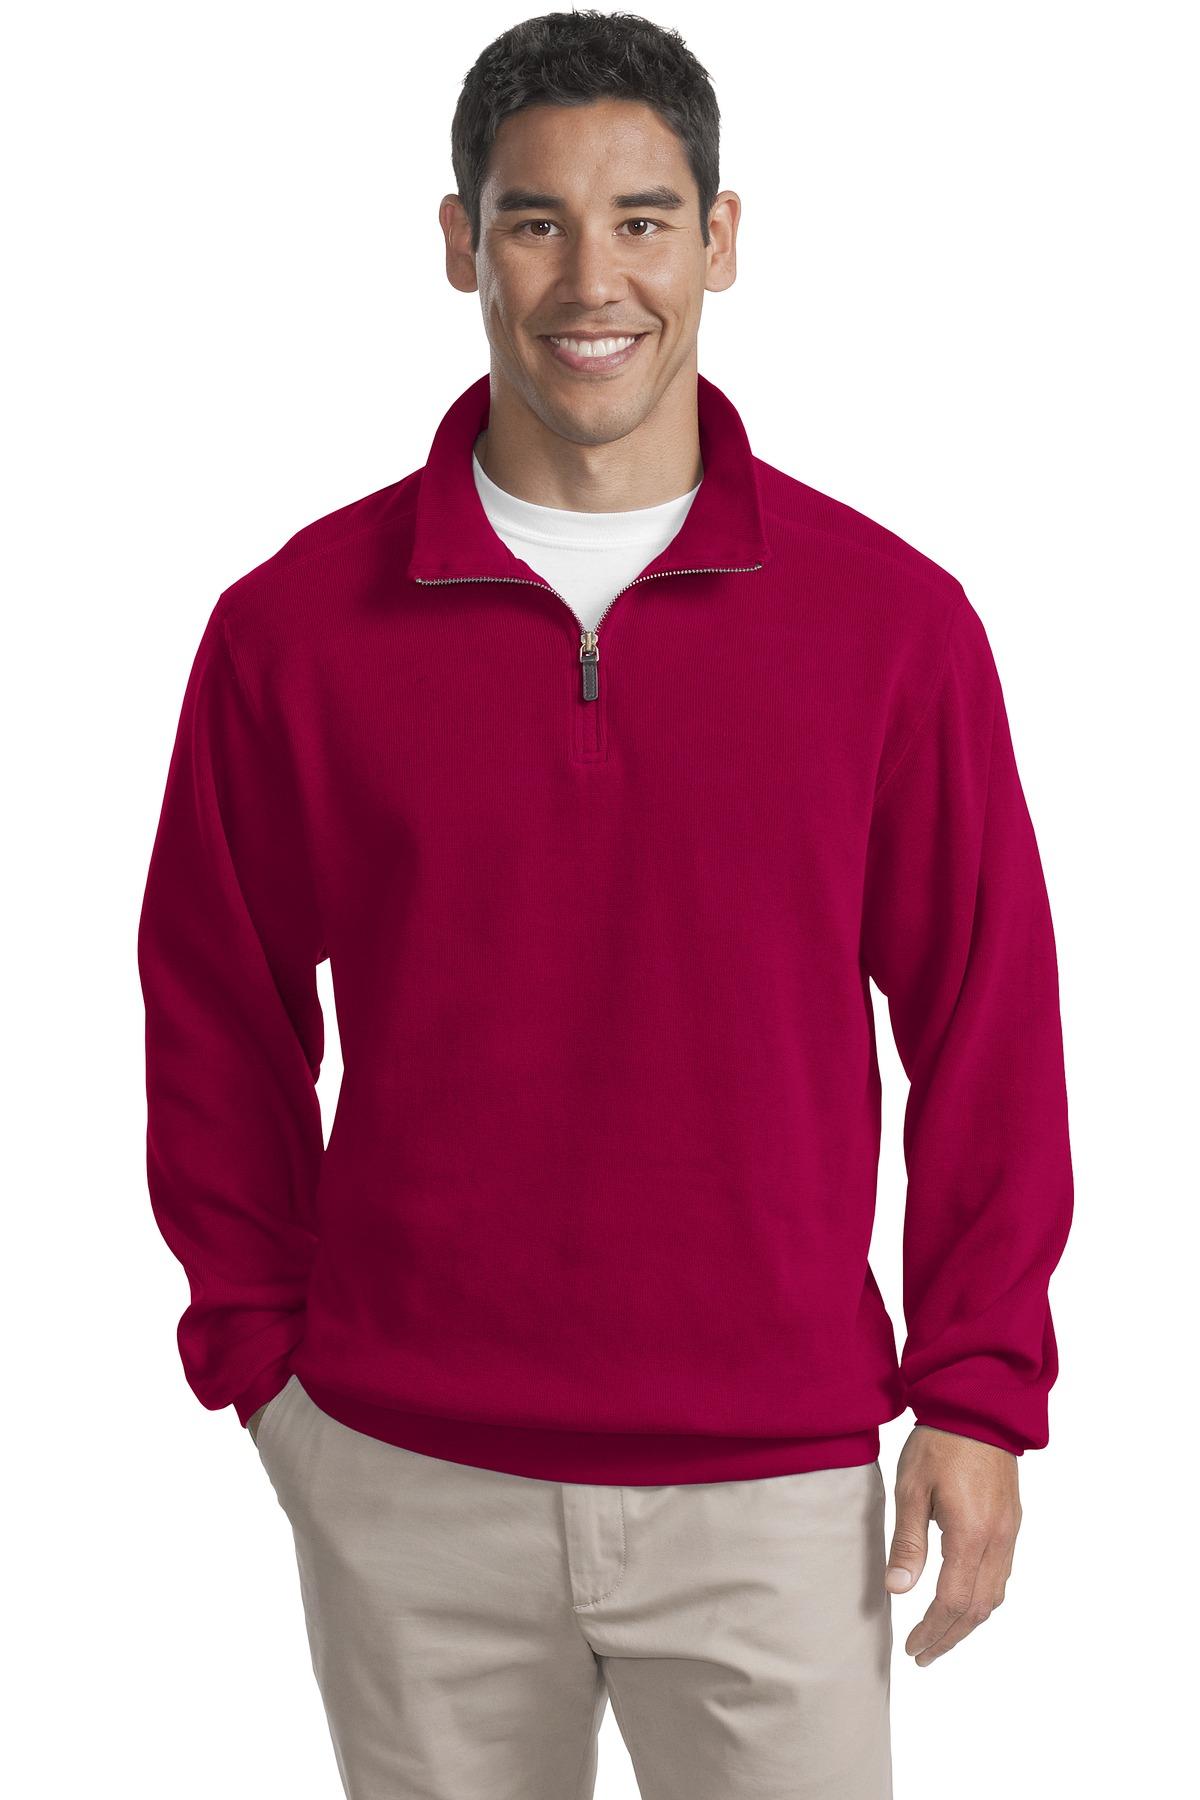 Sweatshirts-Fleece-Half-Quarter-Zip-4